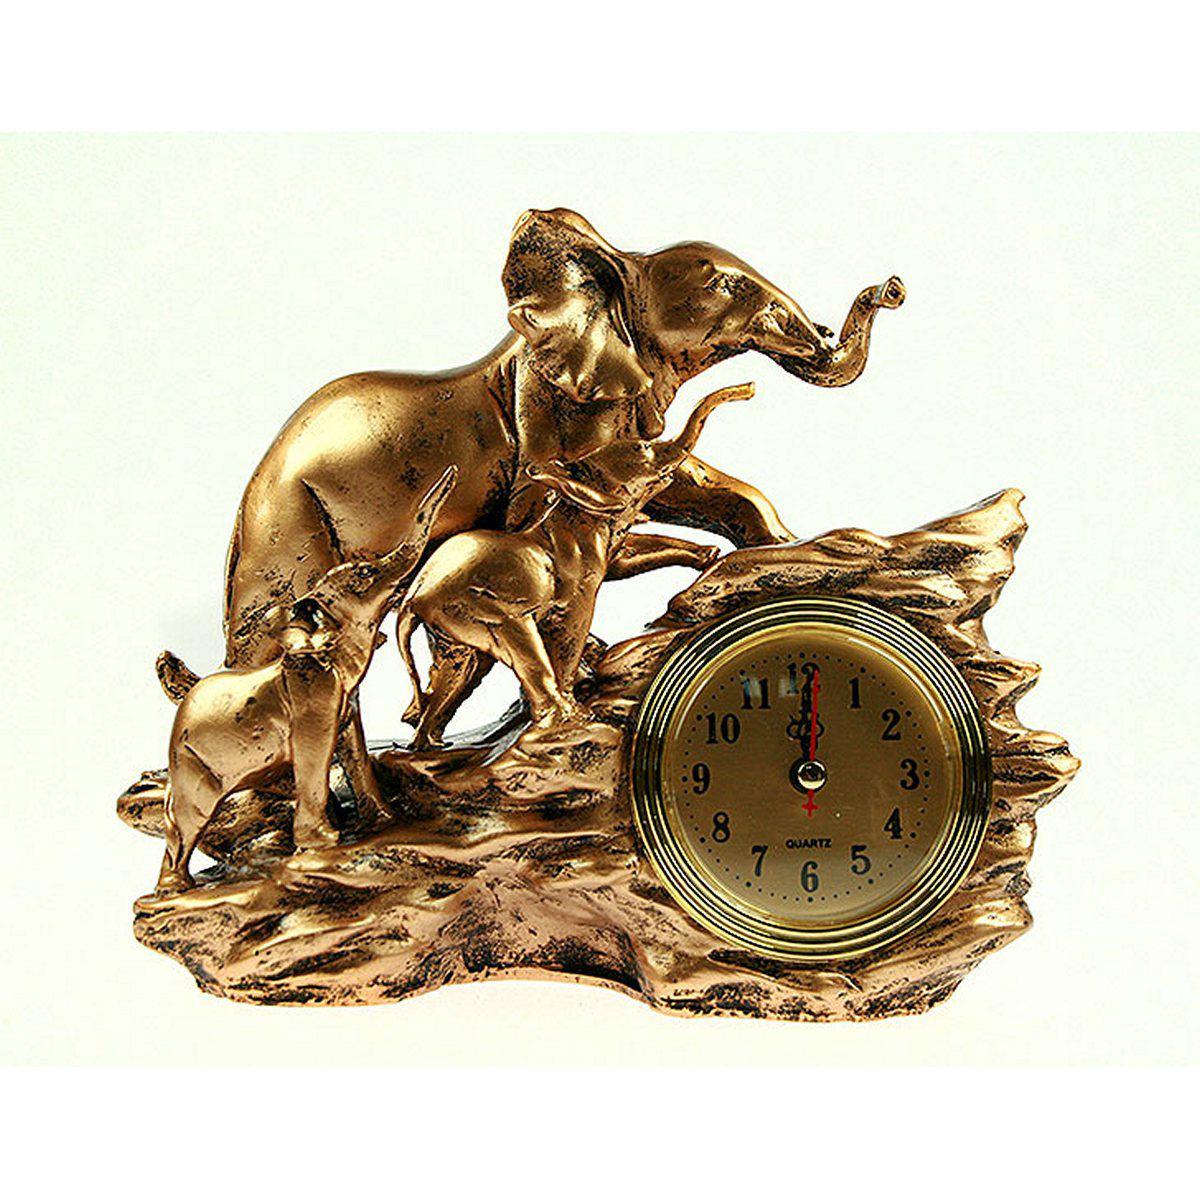 Часы настольные Русские Подарки Слоны, 24 х 9 х 19 см. 59368 ваза русские подарки винтаж высота 31 см 123710